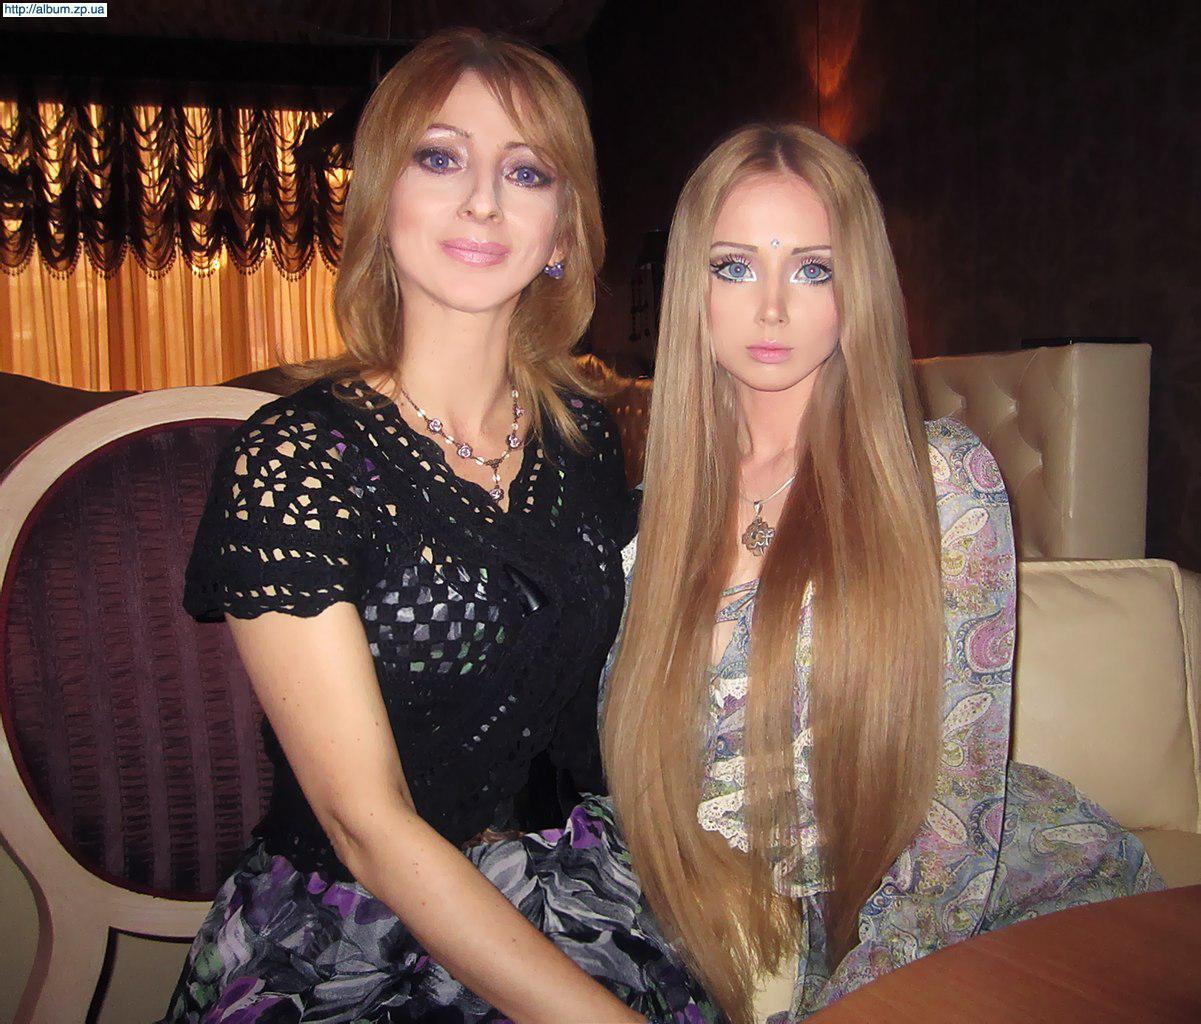 Русские девочки фото с членом 14 фотография